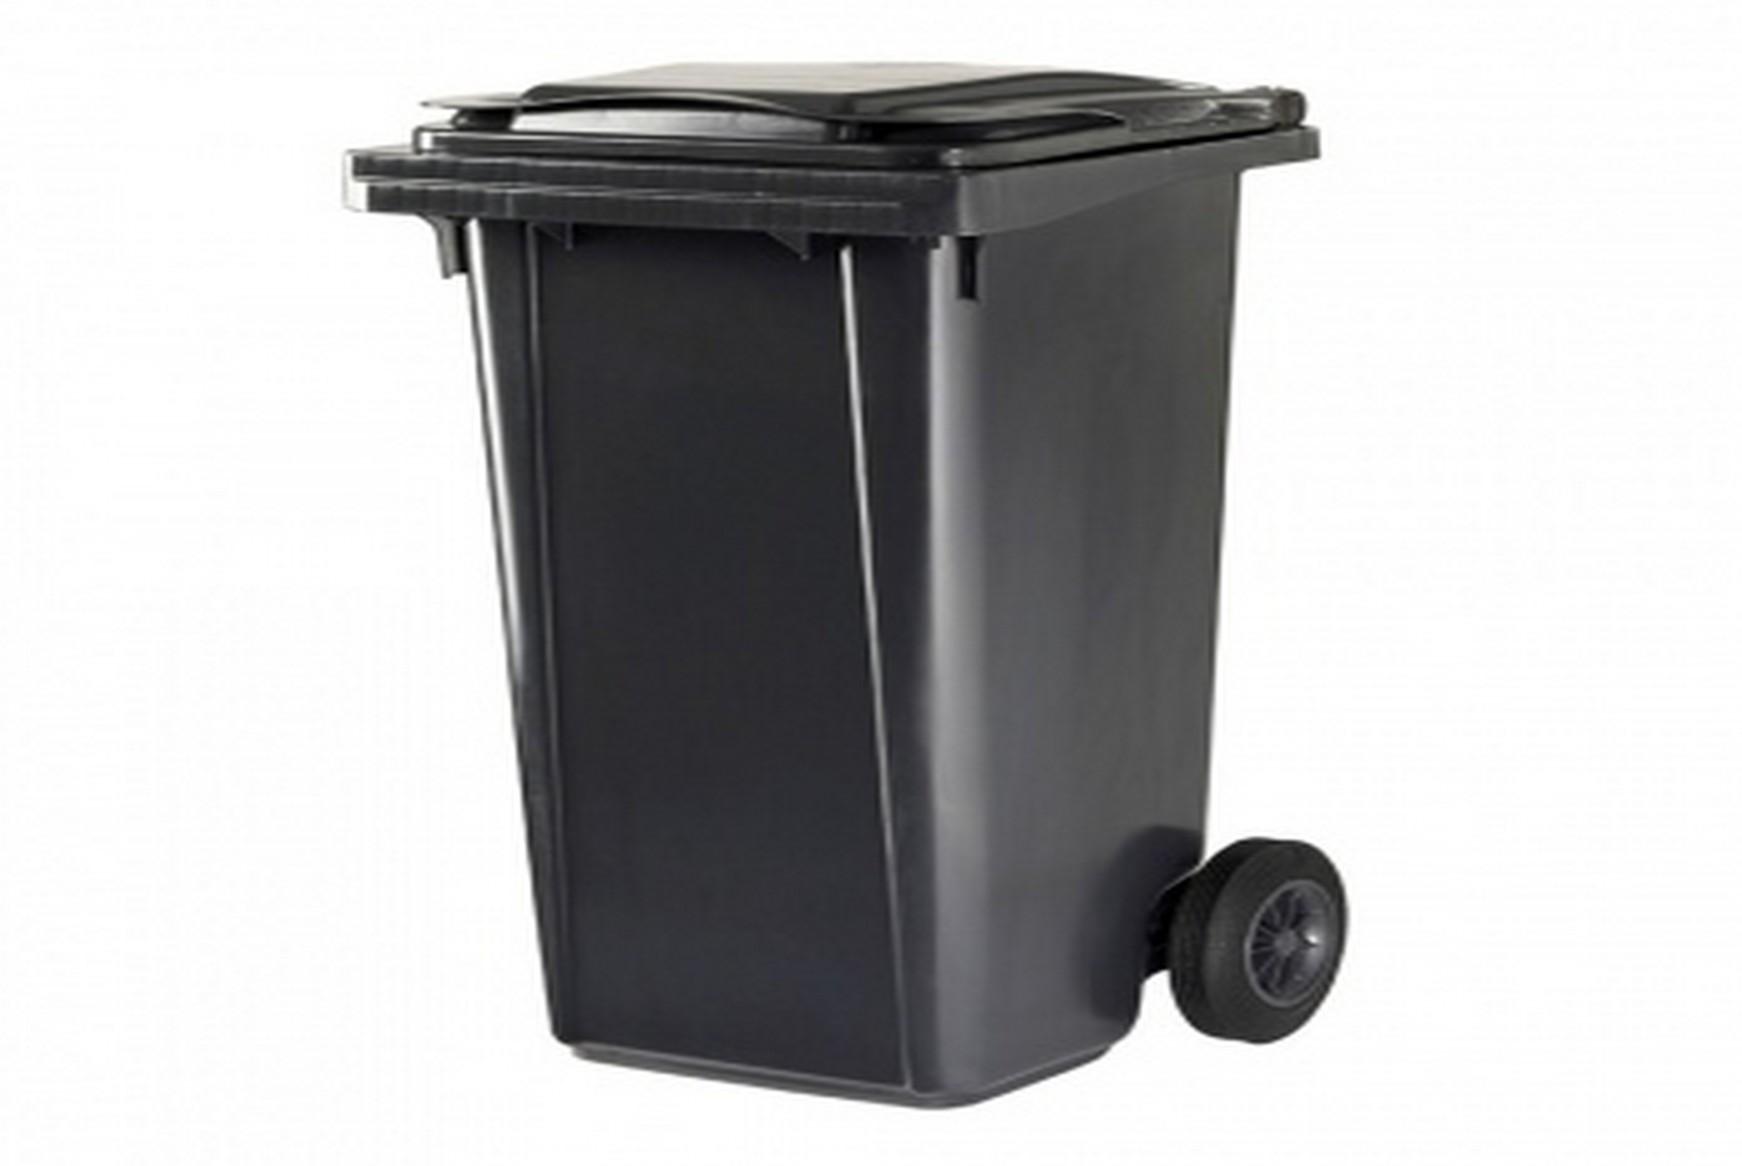 garbage bin  waste container  dust bins  litter bins supplier